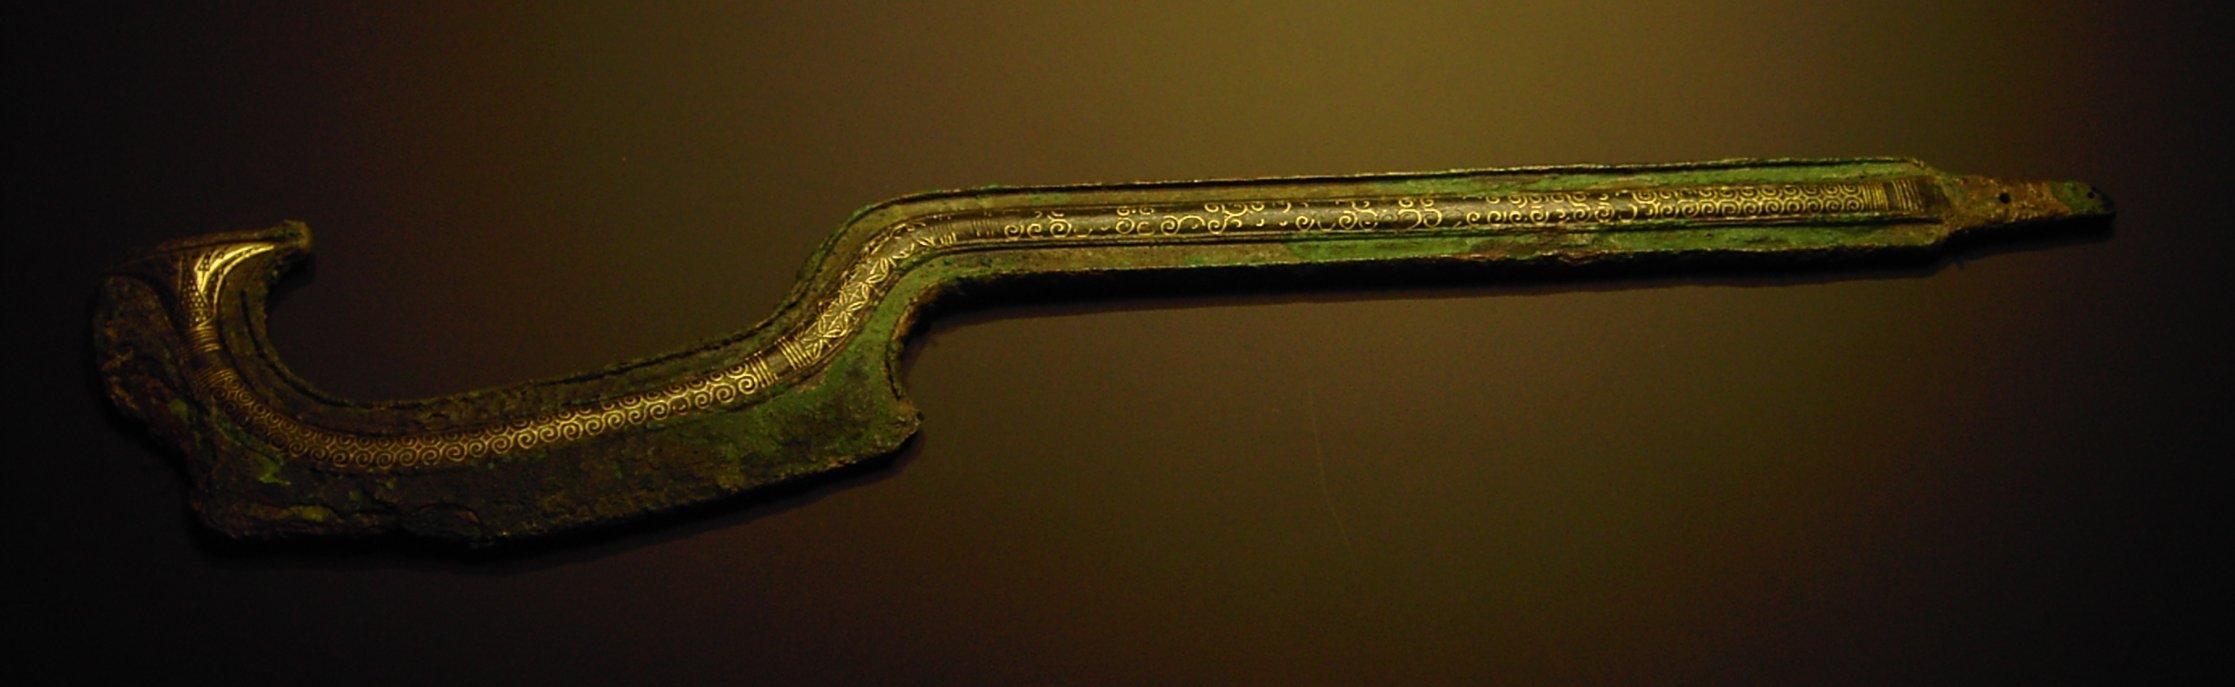 Sichelschwert aus Sichem (Nablus) mit Einlagen aus Elektron (um 1750 v. Chr.)